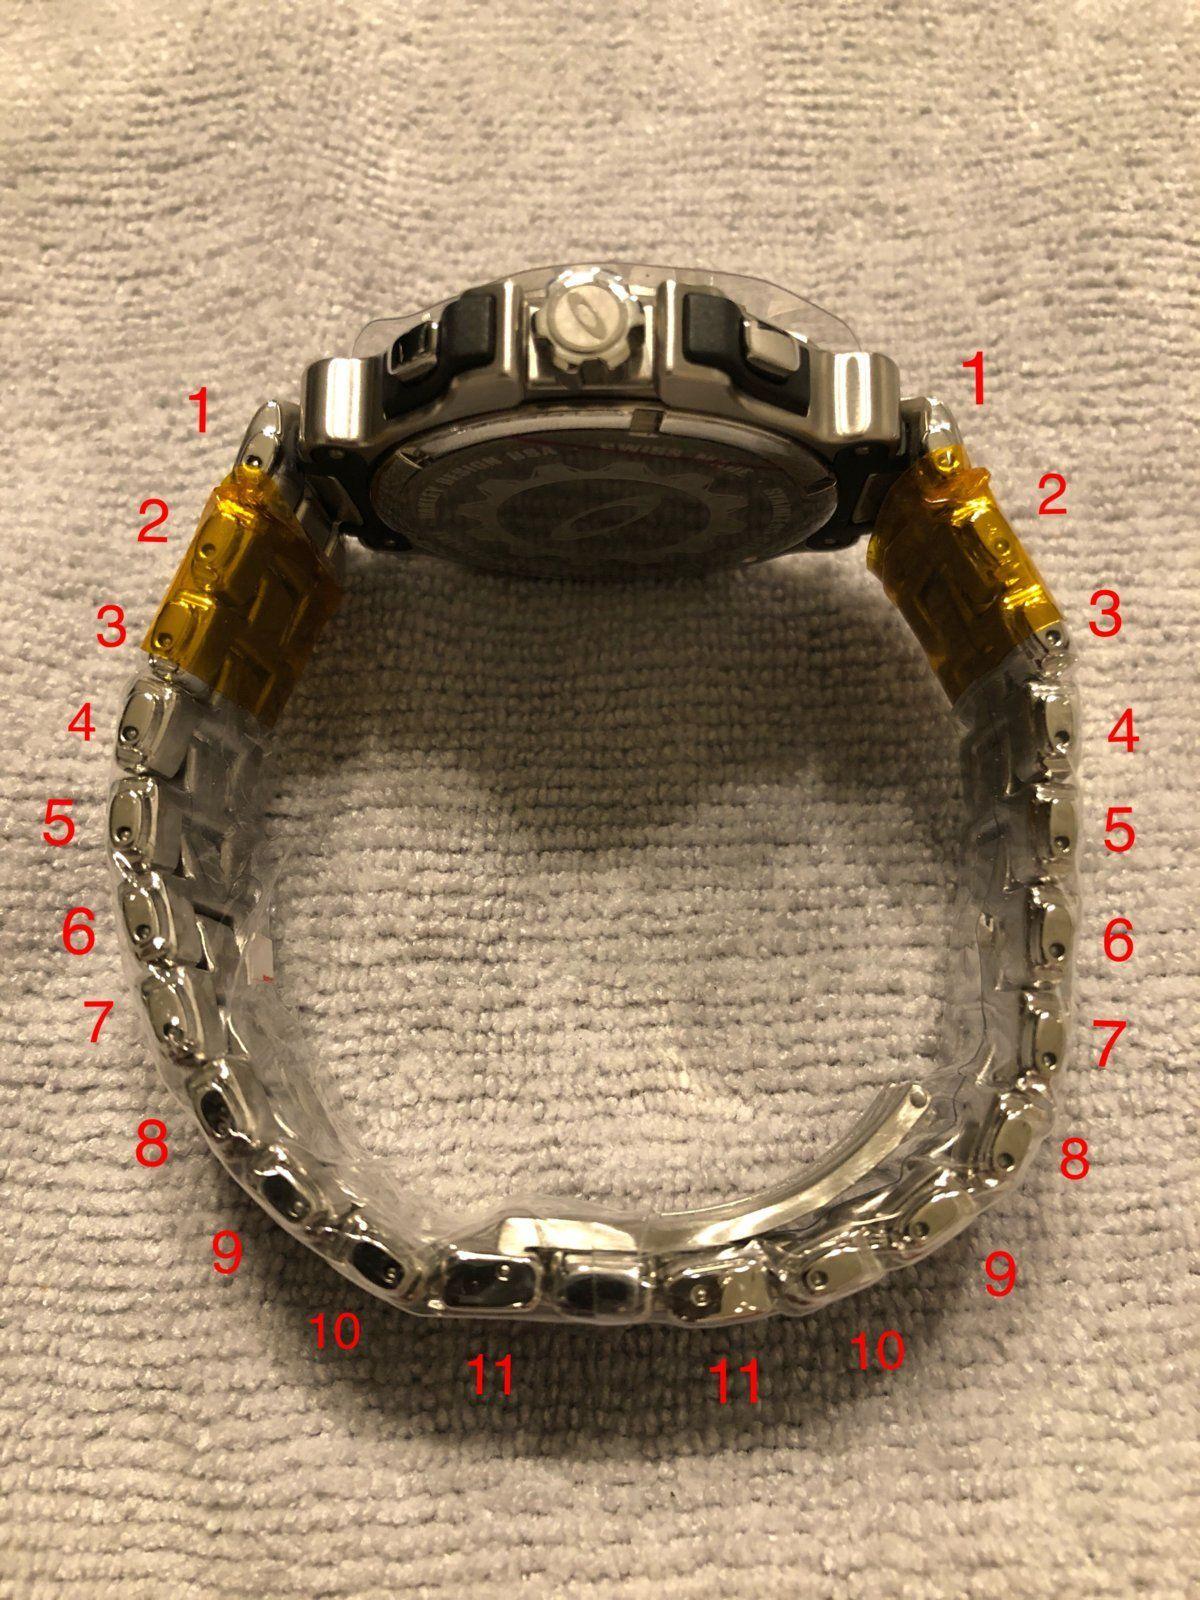 9B1AE2B4-0778-45A8-8C4A-E8A403978A05.jpeg